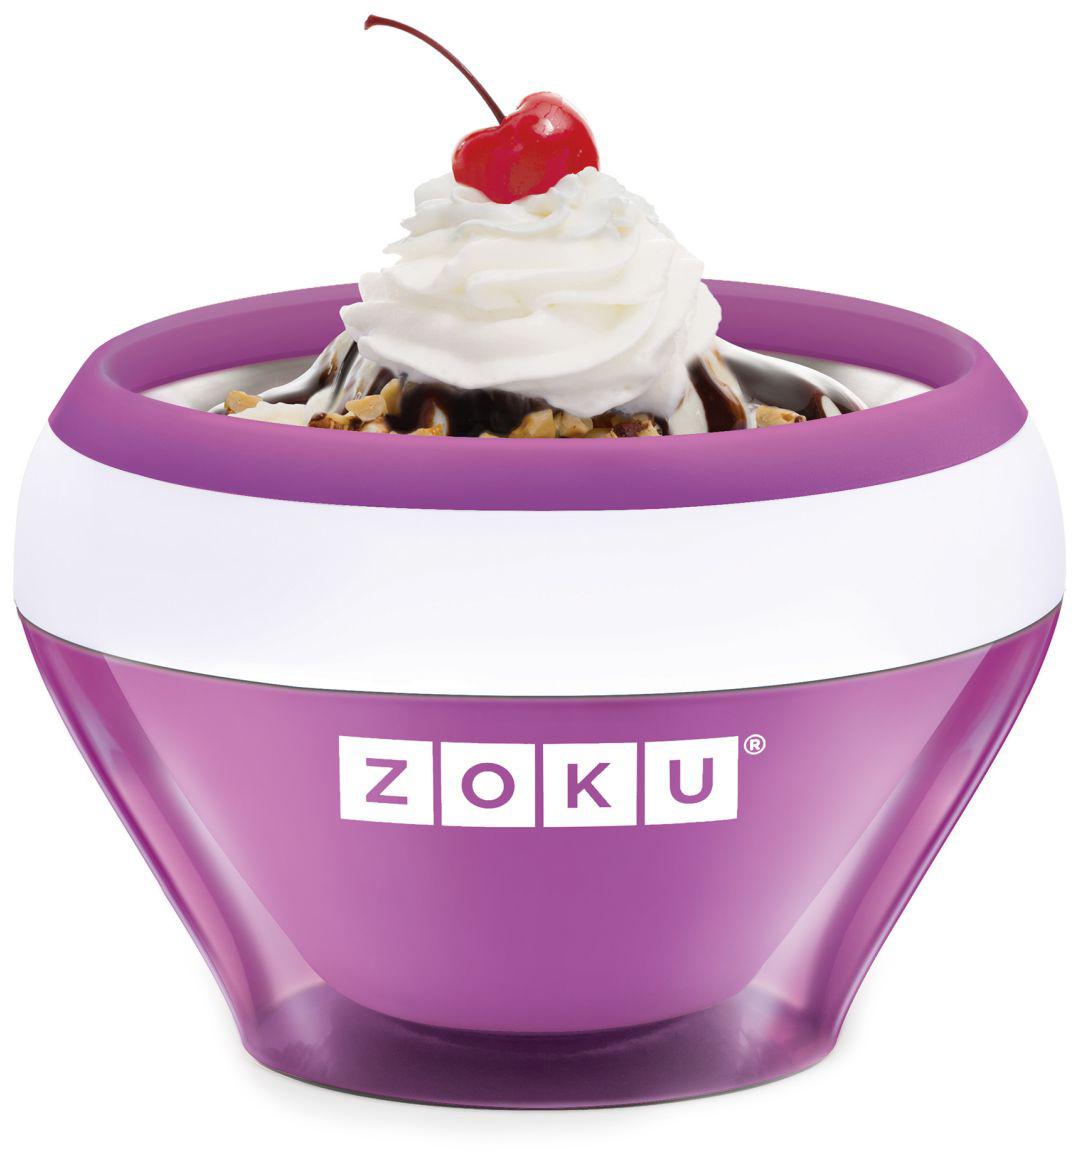 Мороженица Zoku Ice Cream Maker, цвет: фиолетовый, 150 мл. ZK120-PUZK120-PUС помощью компактного Zoku Ice Cream Maker вы сможете быстро и без усилий приготовить натуральные домашние десерты: мороженое, сорбет, щербет, замороженный йогурт, заварной крем и прочие лакомства. Почувствуйте себя настоящим профессионалом – создавайте вкусные и полезные десерты на основе натуральных ингредиентов. Комбинируйте вкусовые добавки и украшайте готовое мороженое фруктами, сладкими или пряными присыпками, орехами и шоколадом. Как использовать: 1. Поместите внутреннюю пустую форму в морозильную камеру на двенадцать и более часов. Форма должна быть абсолютно сухой и располагаться вертикально.2. Через двенадцать часов верните её во внешний корпус и наполните желаемыми продуктами. Все ингредиенты должны быть охлажденными.3. Сразу начинайте перемешивать массу с помощью специальной ложки. Не давайте краям примерзнуть к форме. Через 7-10 минут ваш десерт готов. Для получения твердого мороженого поместите форму в морозильную камеру на дополнительные 10-15 минут. Объем - 150 мл. Не содержит вредных примесей и бисфенола-А. Не подходит для использования в микроволновой печи. Моется вручную.